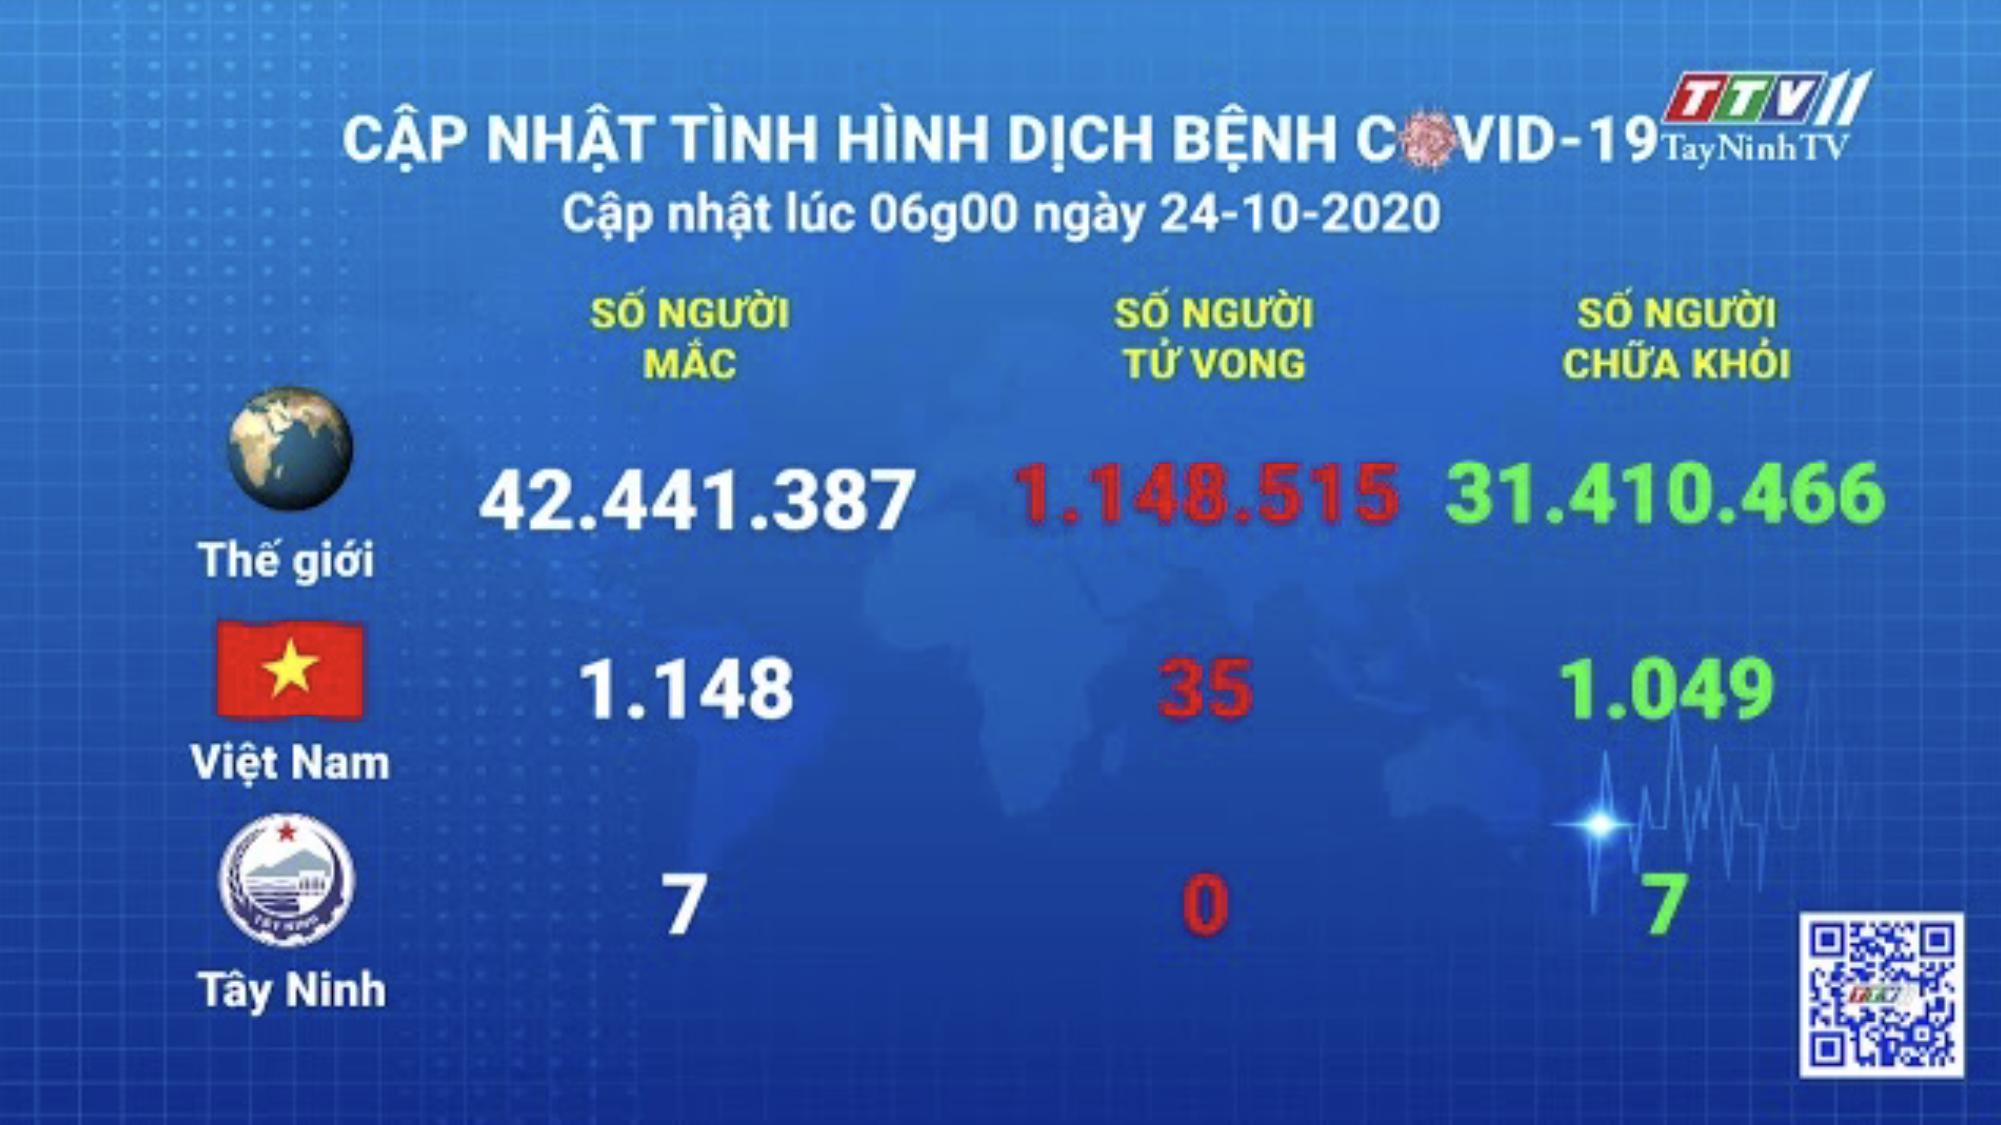 Cập nhật tình hình Covid-19 vào lúc 06 giờ 24-10-2020 | Thông tin dịch Covid-19 | TayNinhTV